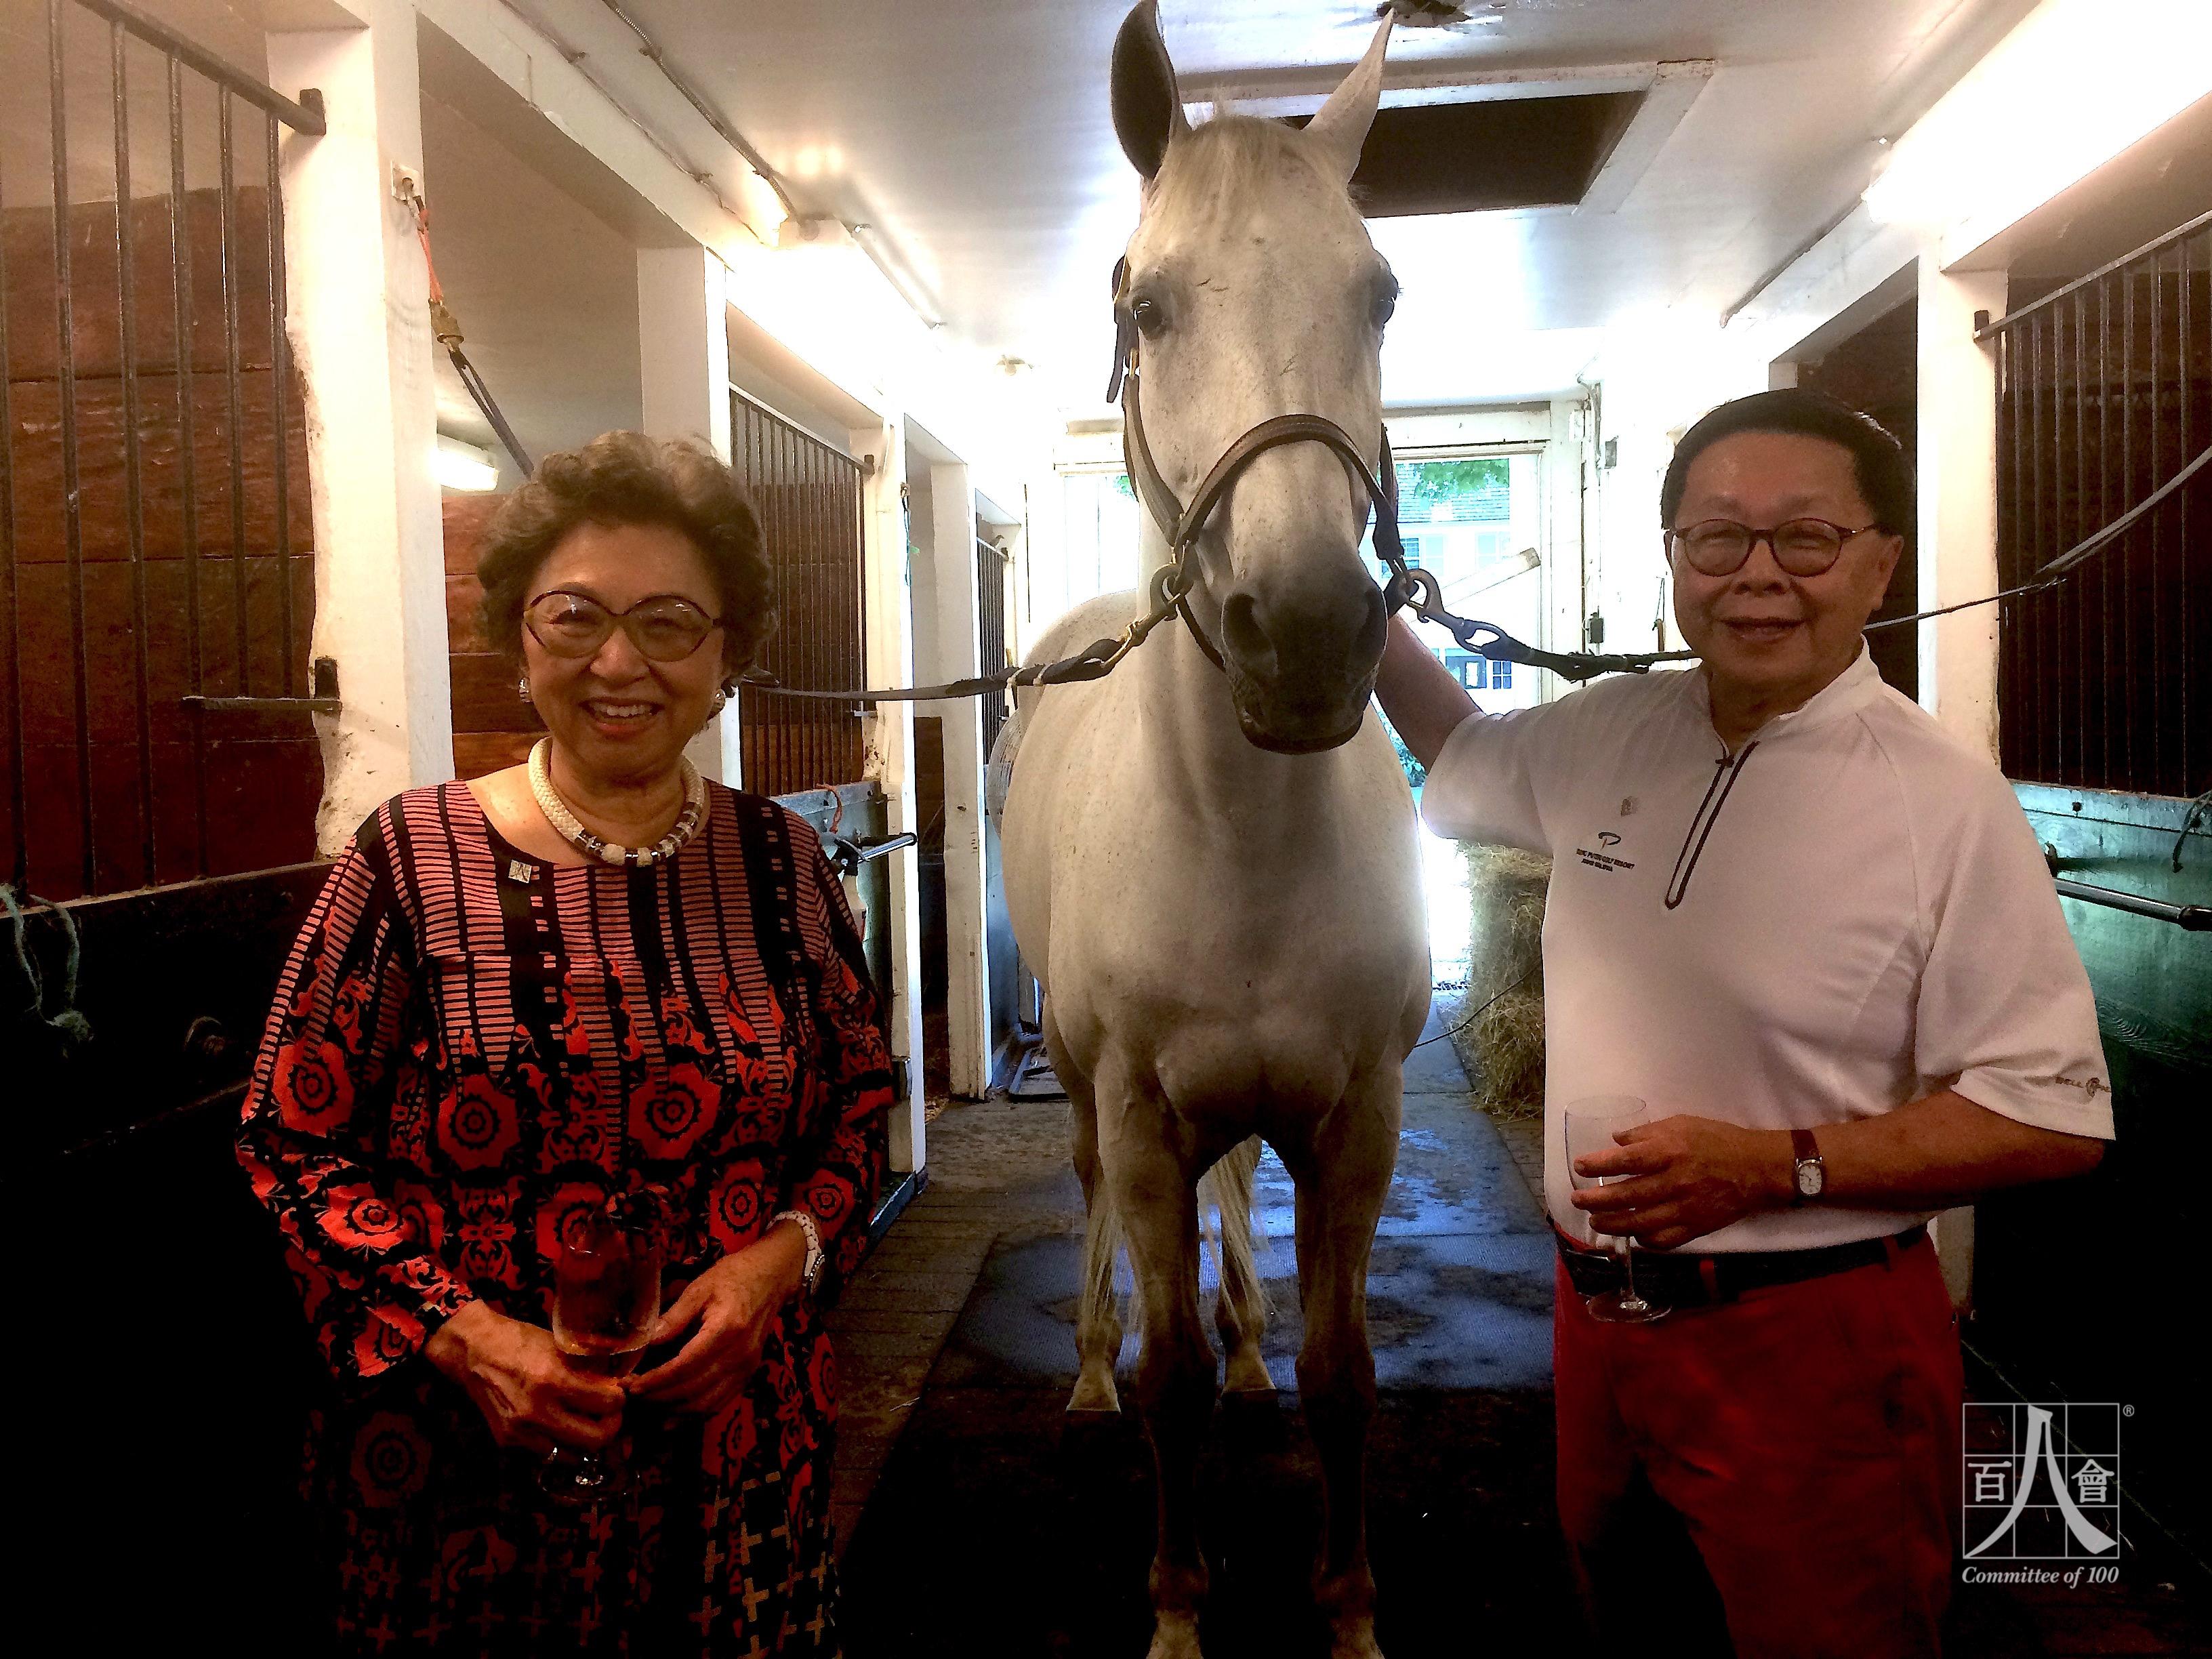 IMG_7292 ShirleyYoung HenryTang Horse